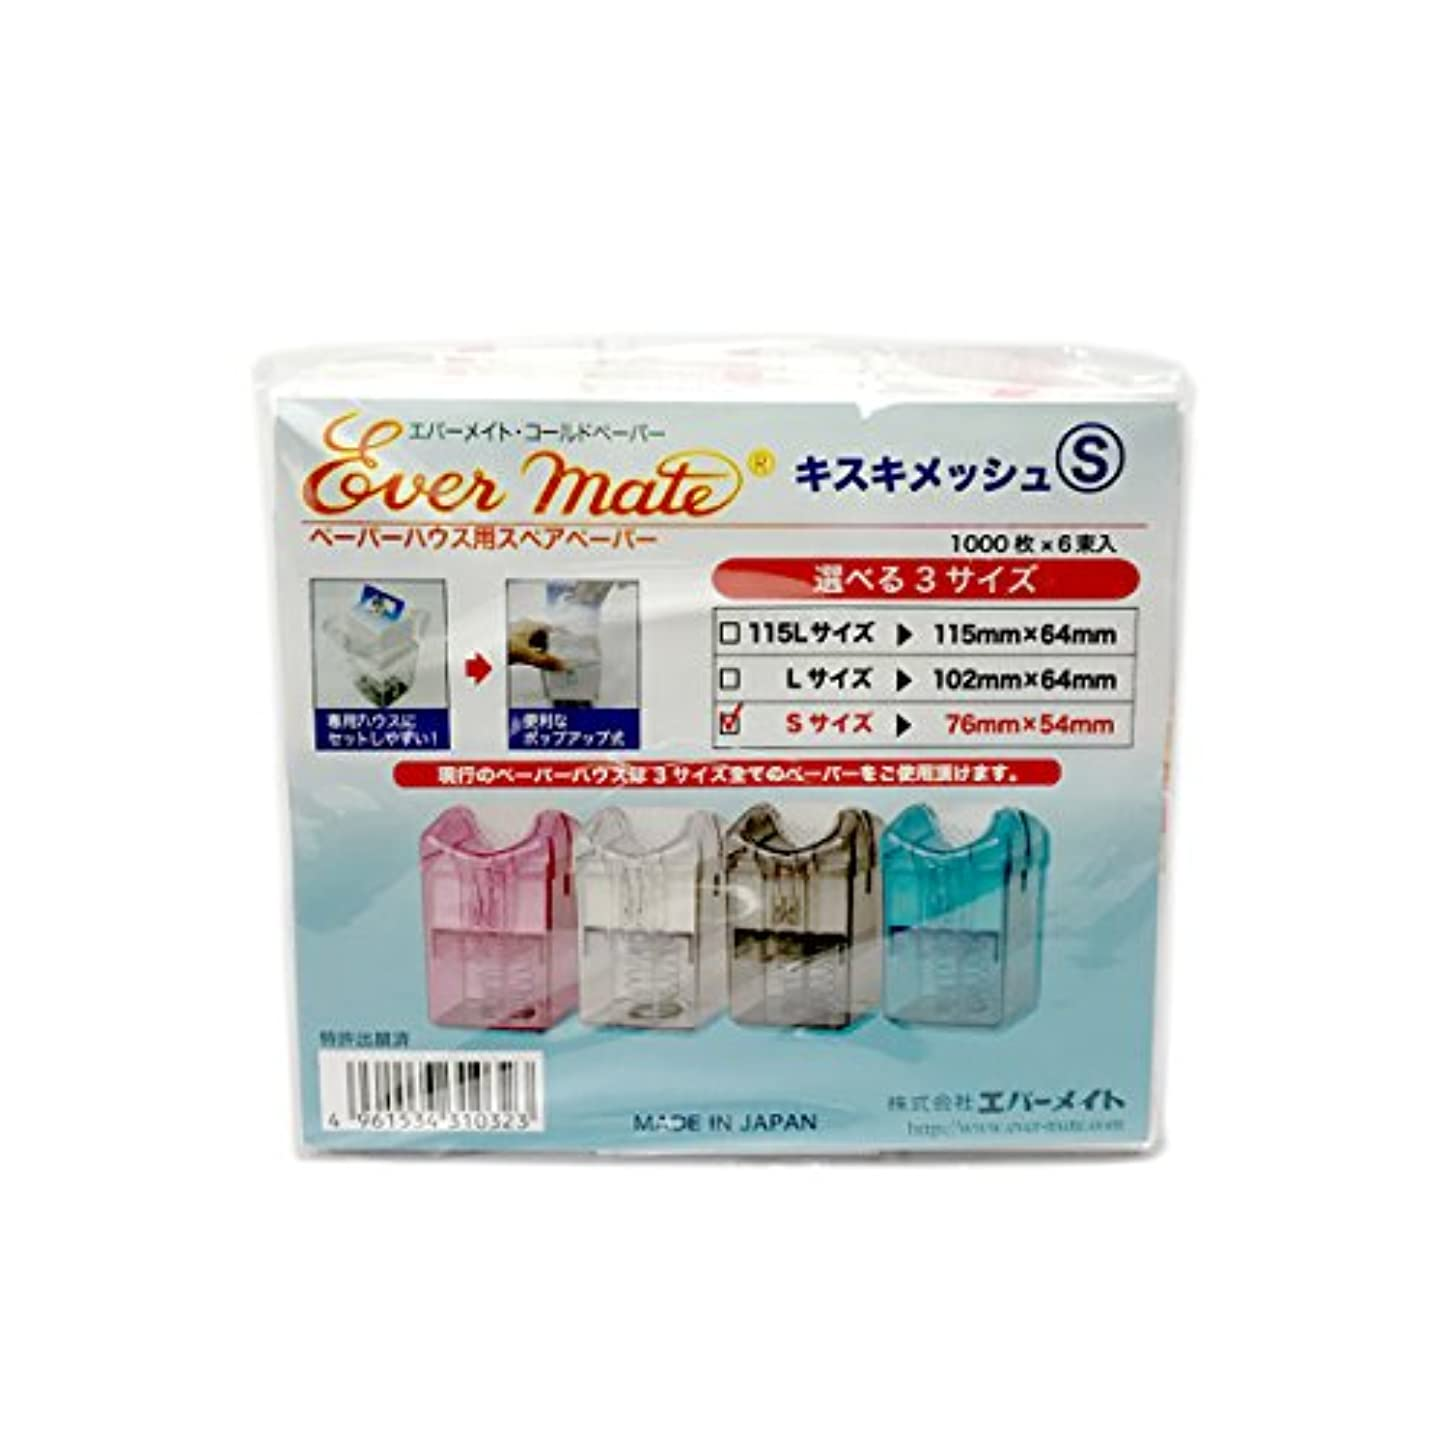 コテージ作者密輸米正 ペーパーハウス用スペアペーパー みさらしキスキメッシュ ショートサイズ 1000枚入×6束